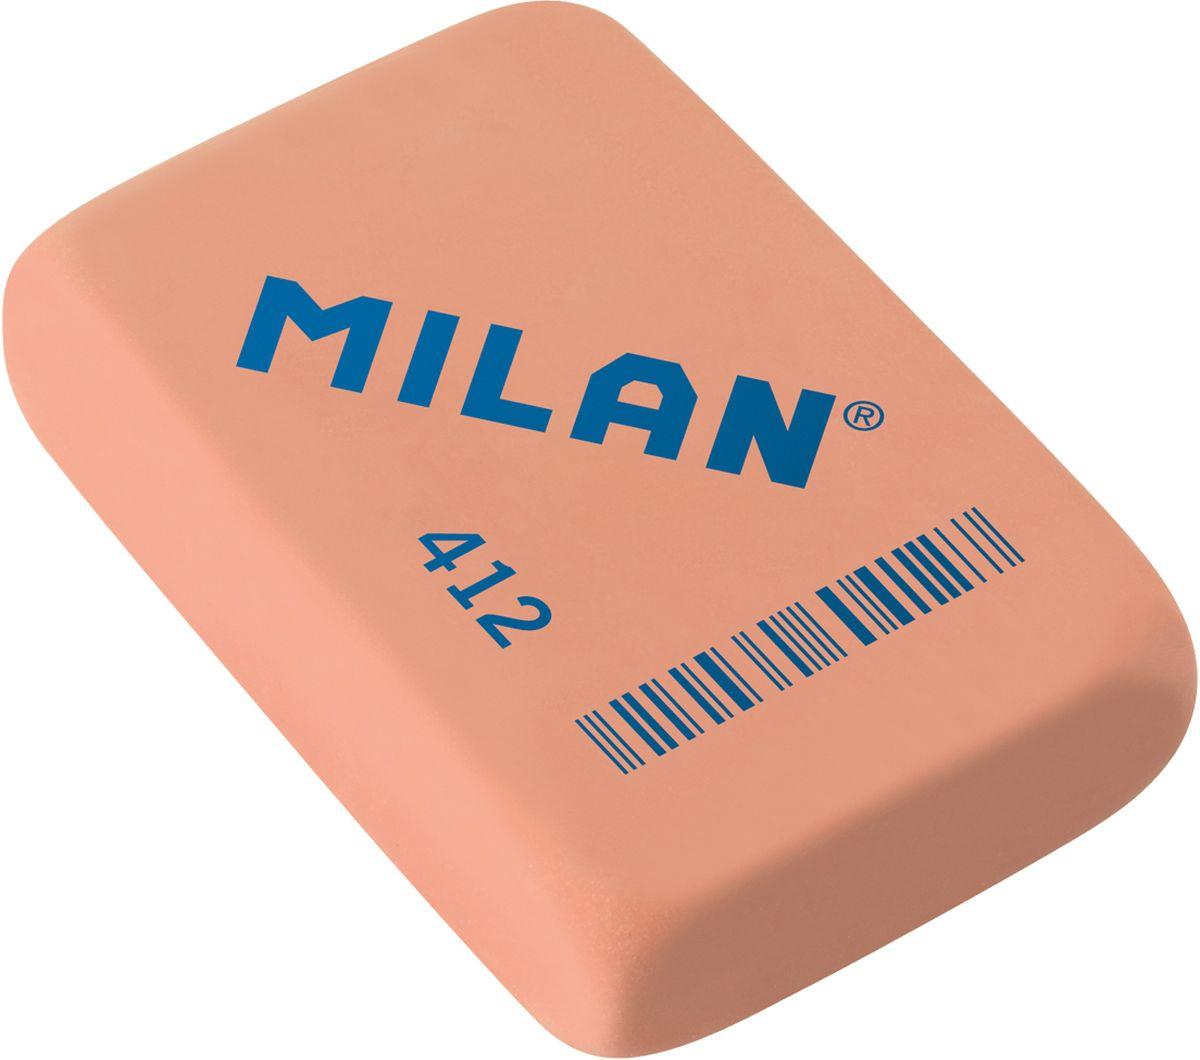 Milan Ластик 412 цвет светло-коралловый352910Ластик Milan имеет мягкую структуру, и обладает высокой гибкостью, обеспечивая безупречное стирание.